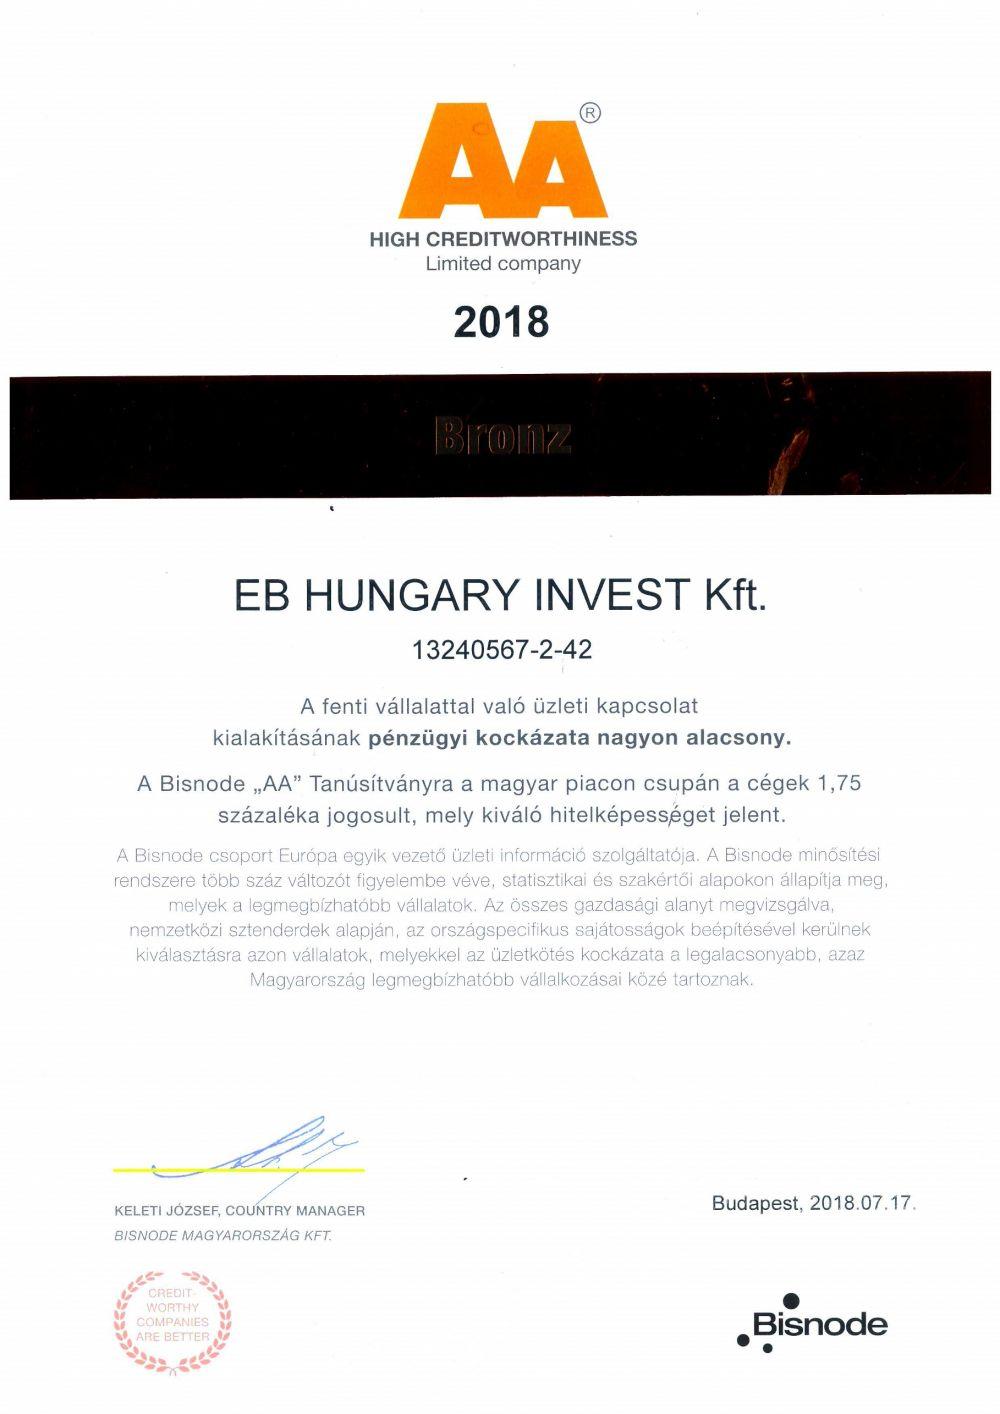 """Bisnode Tanúsítvány """"AA"""" Oklevél-EB HUNGARY INVEST Kft. 2018."""